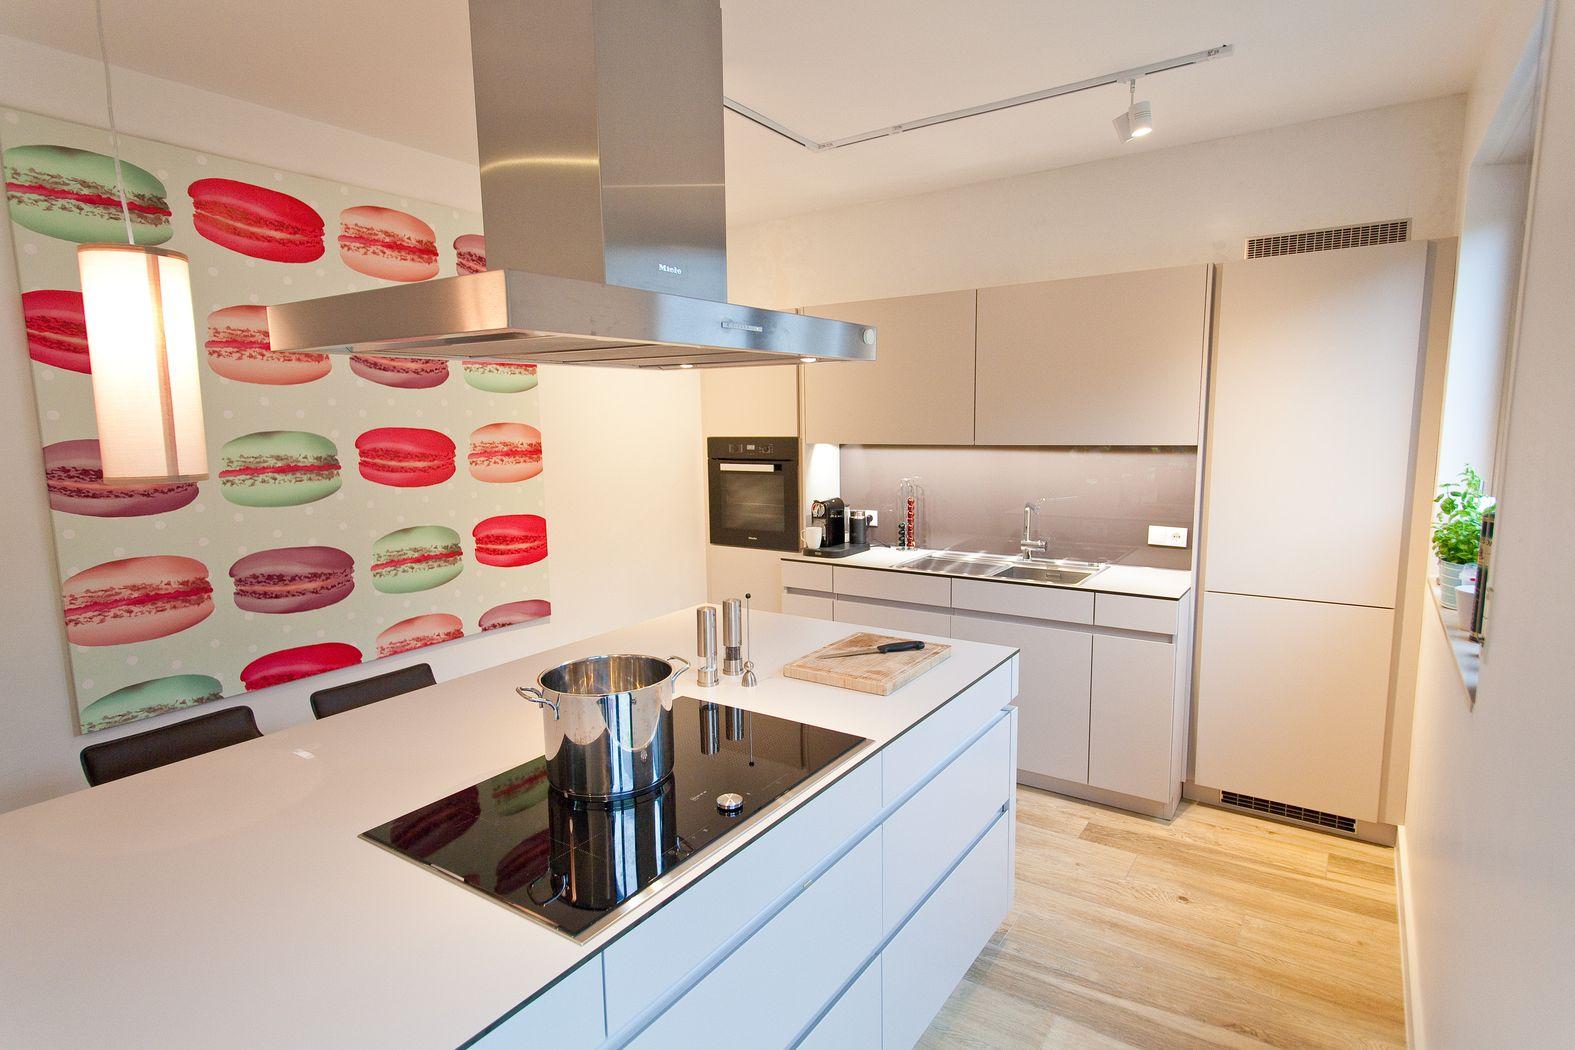 leicht küchen für leverkusen | küchenhaus & -studio + schreinerei - Leicht Küchen Katalog